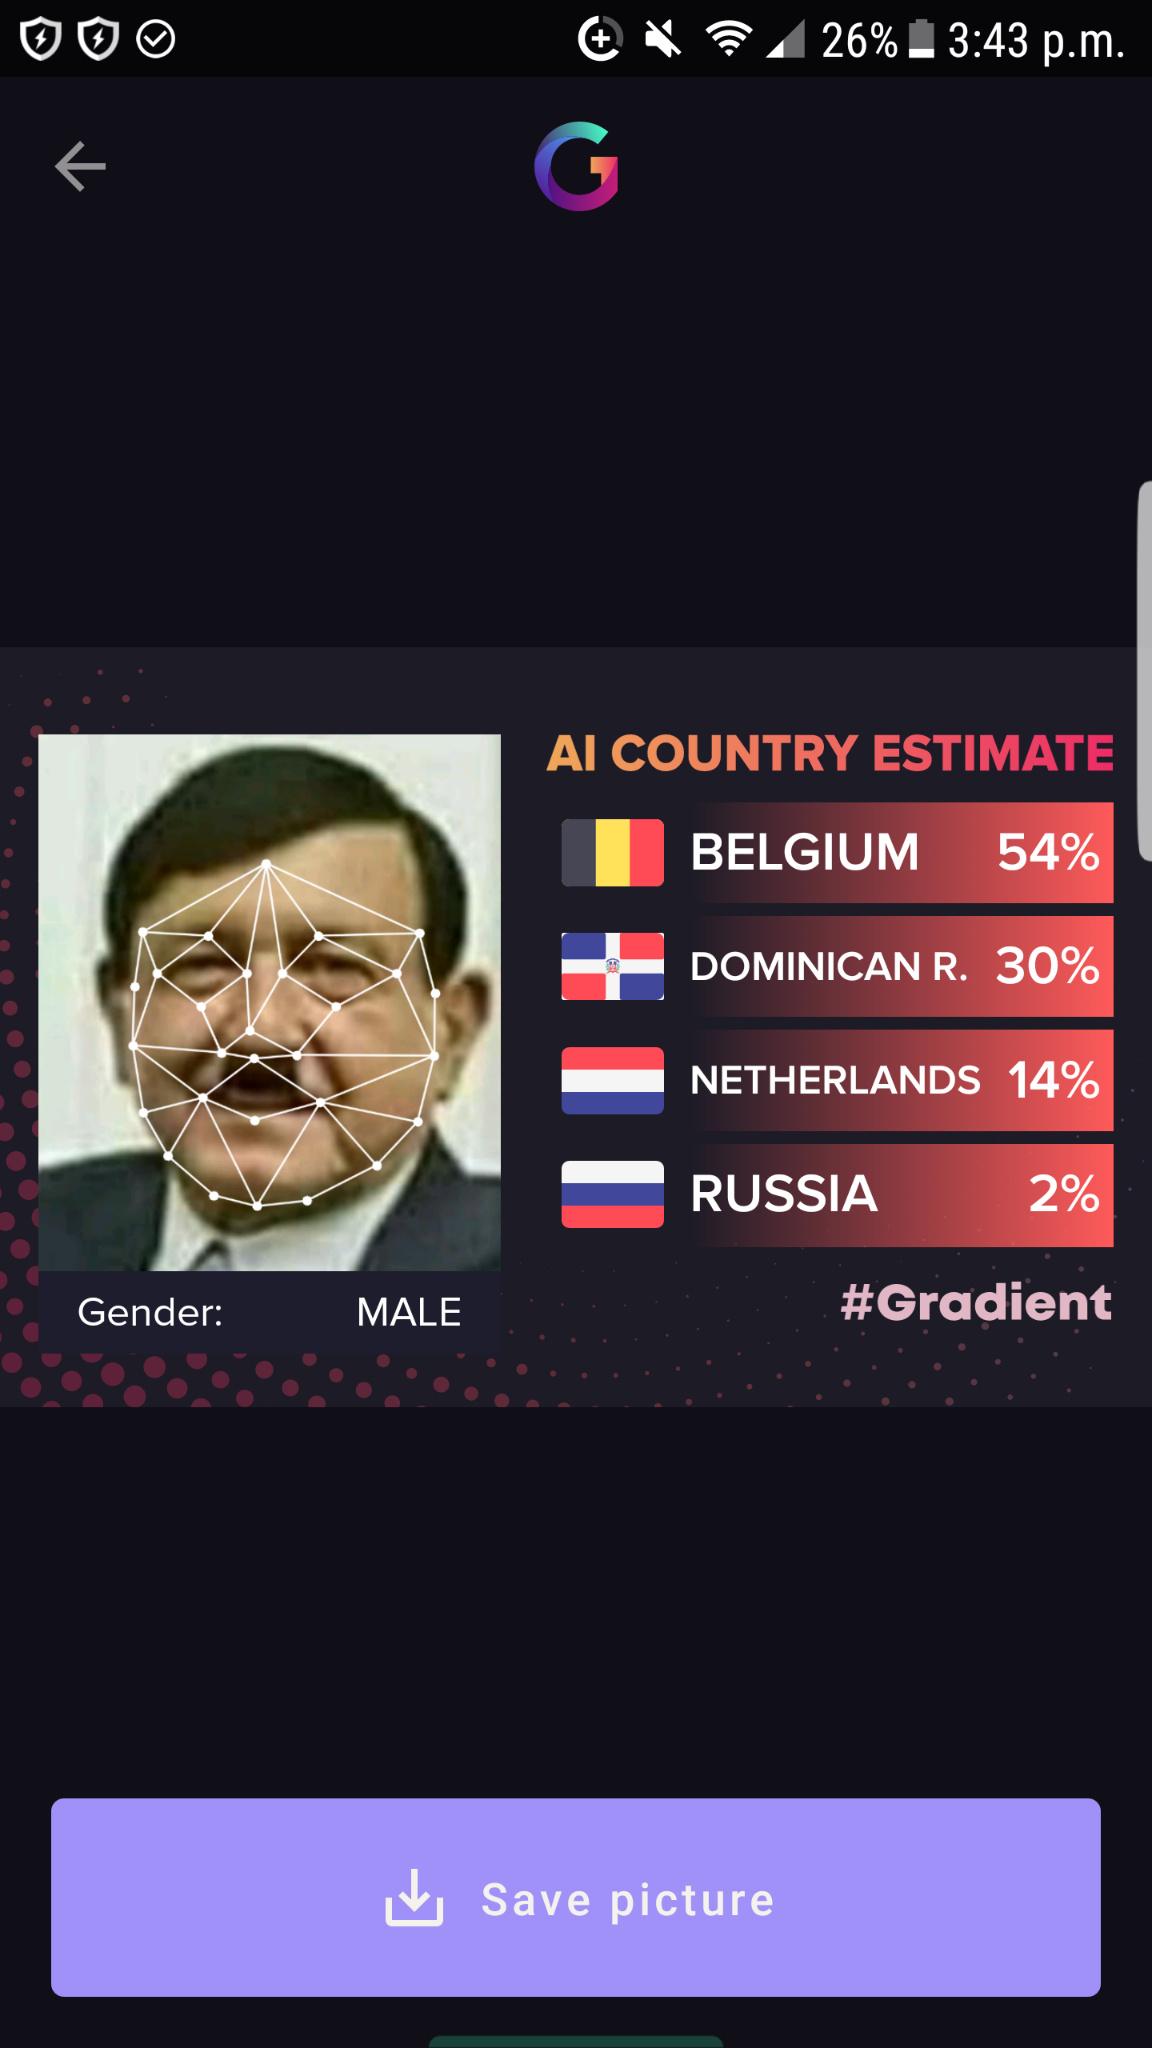 Amlof hitler belga ._. - meme